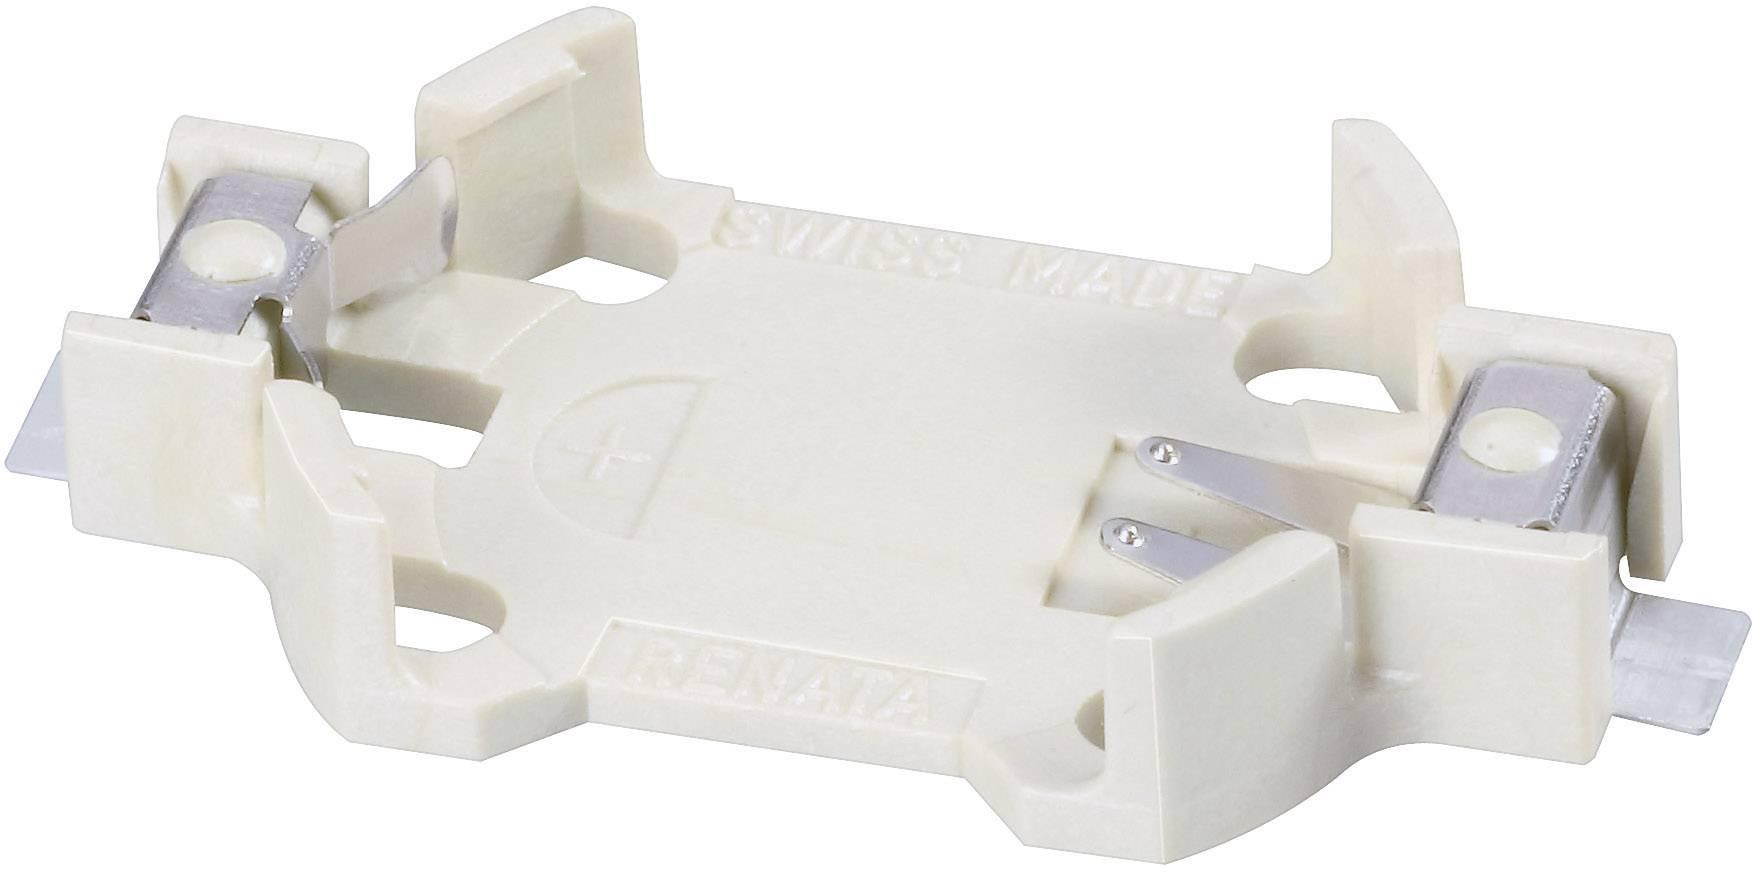 Držák na knoflíkovou baterii CR2032 Renata SMTU2032-LF, SMD